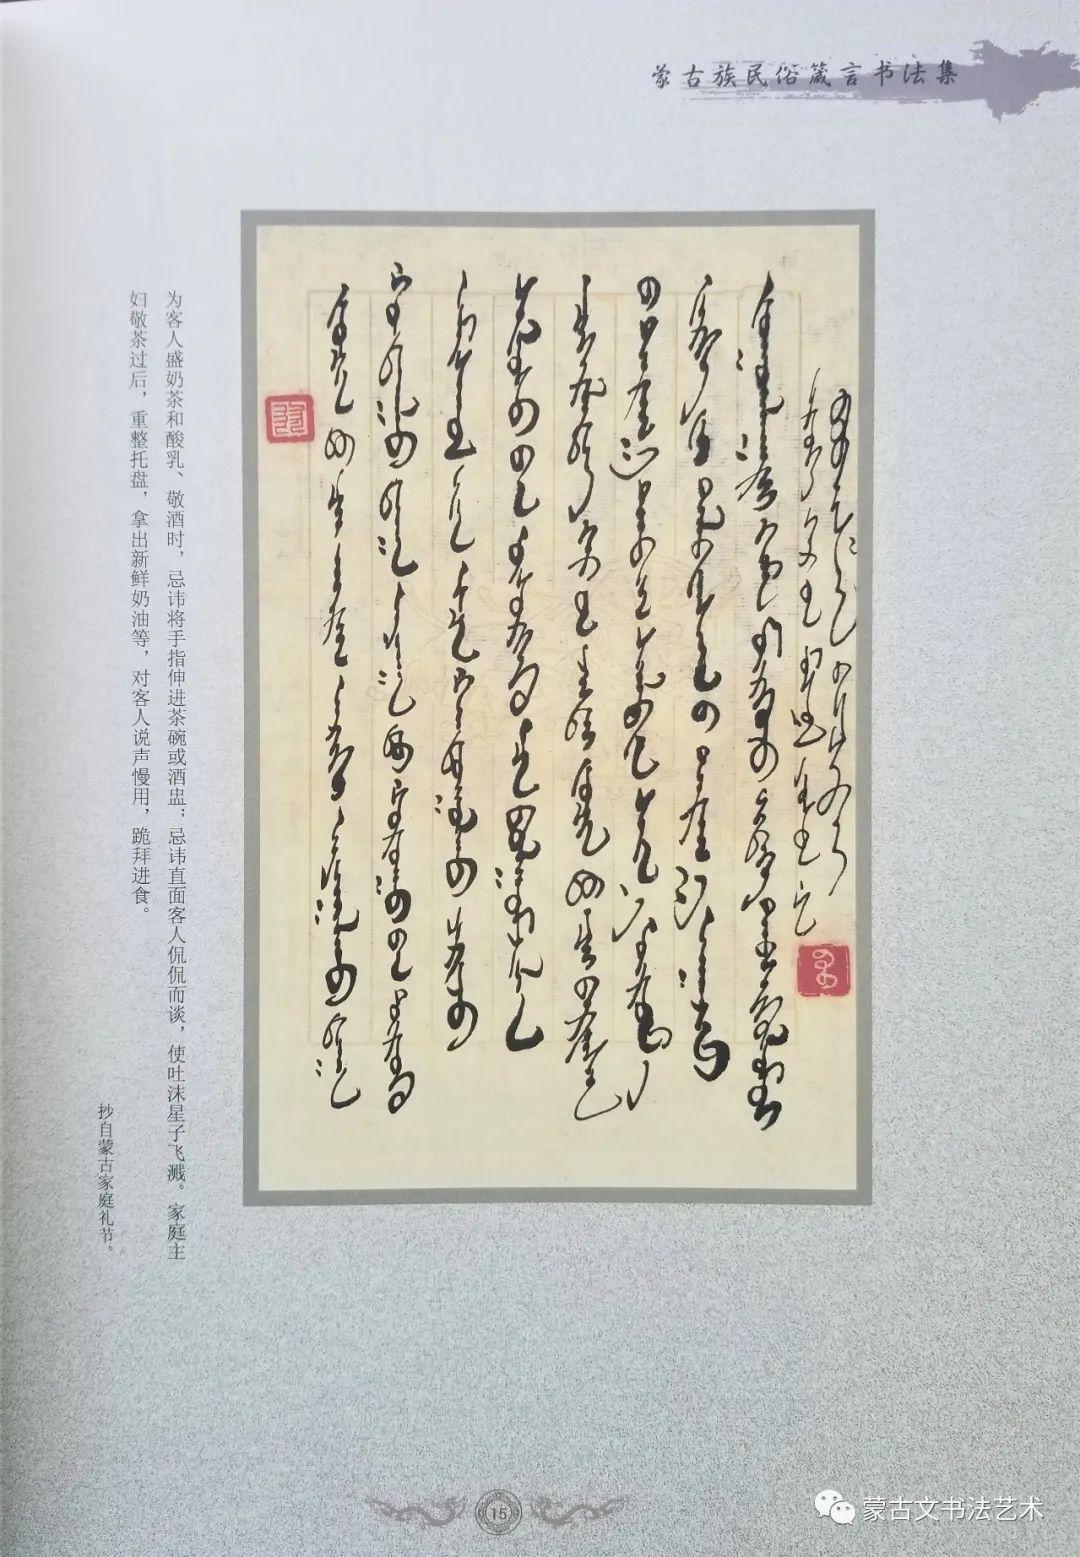 宝金山-蒙古族民俗箴言书法集 第8张